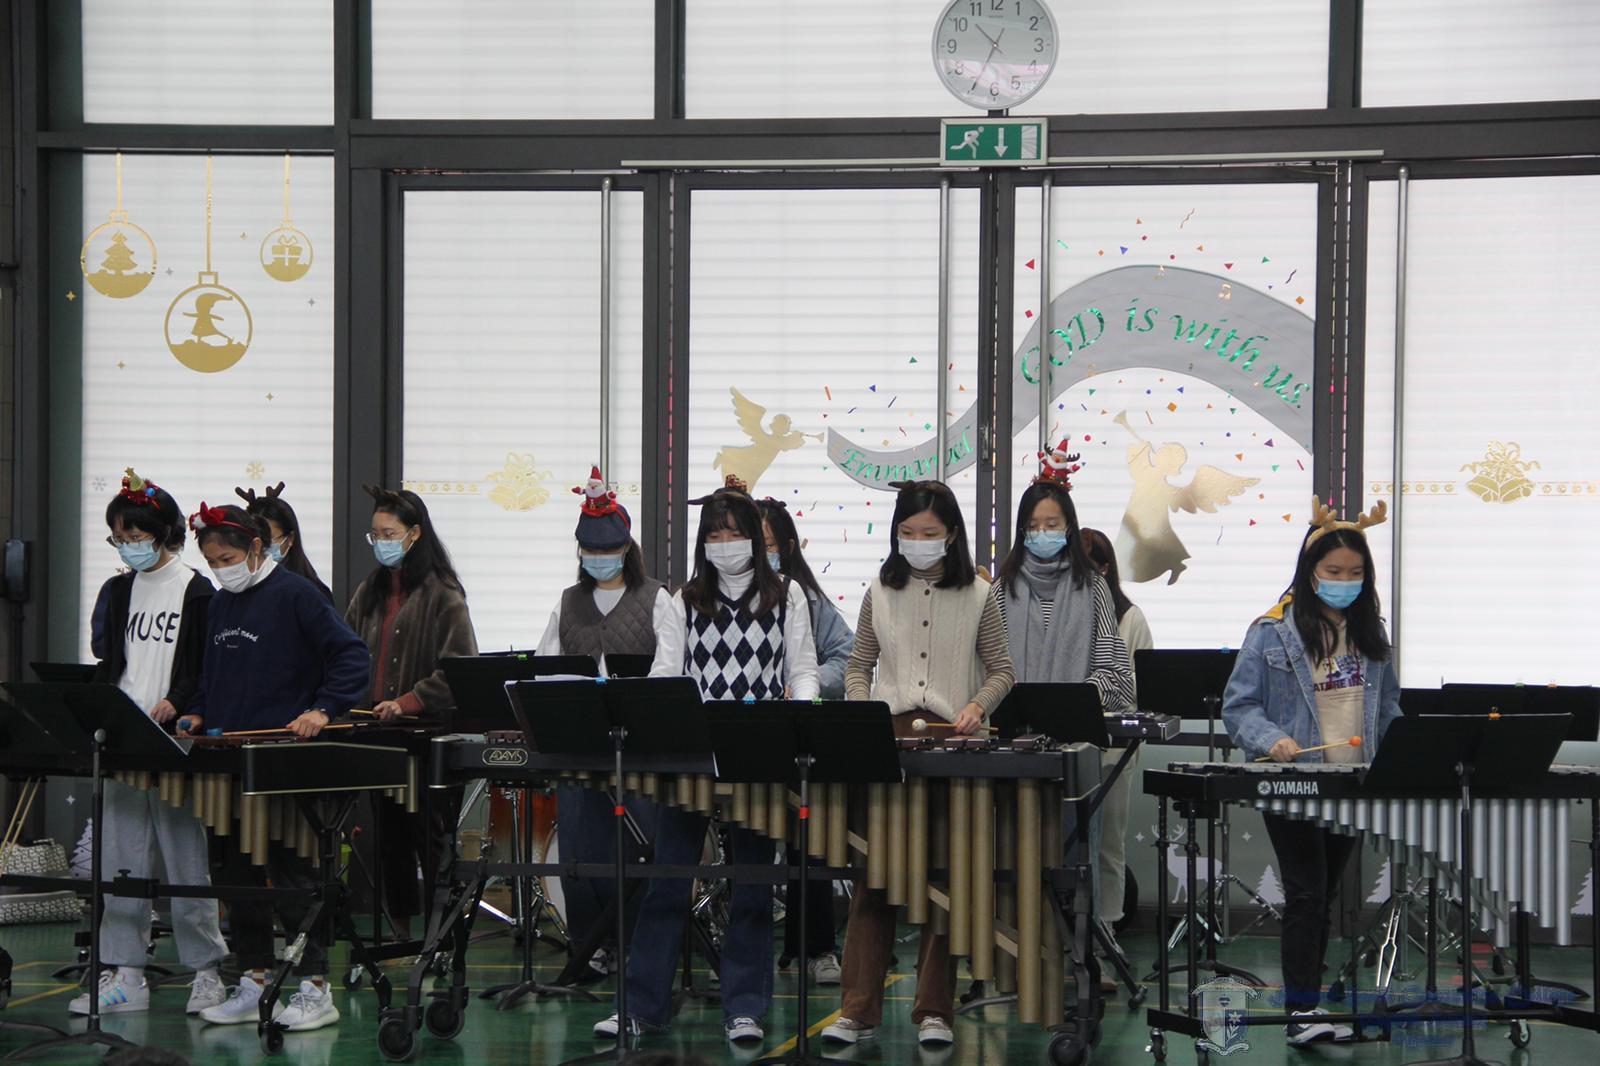 音樂學會的敲擊樂表演